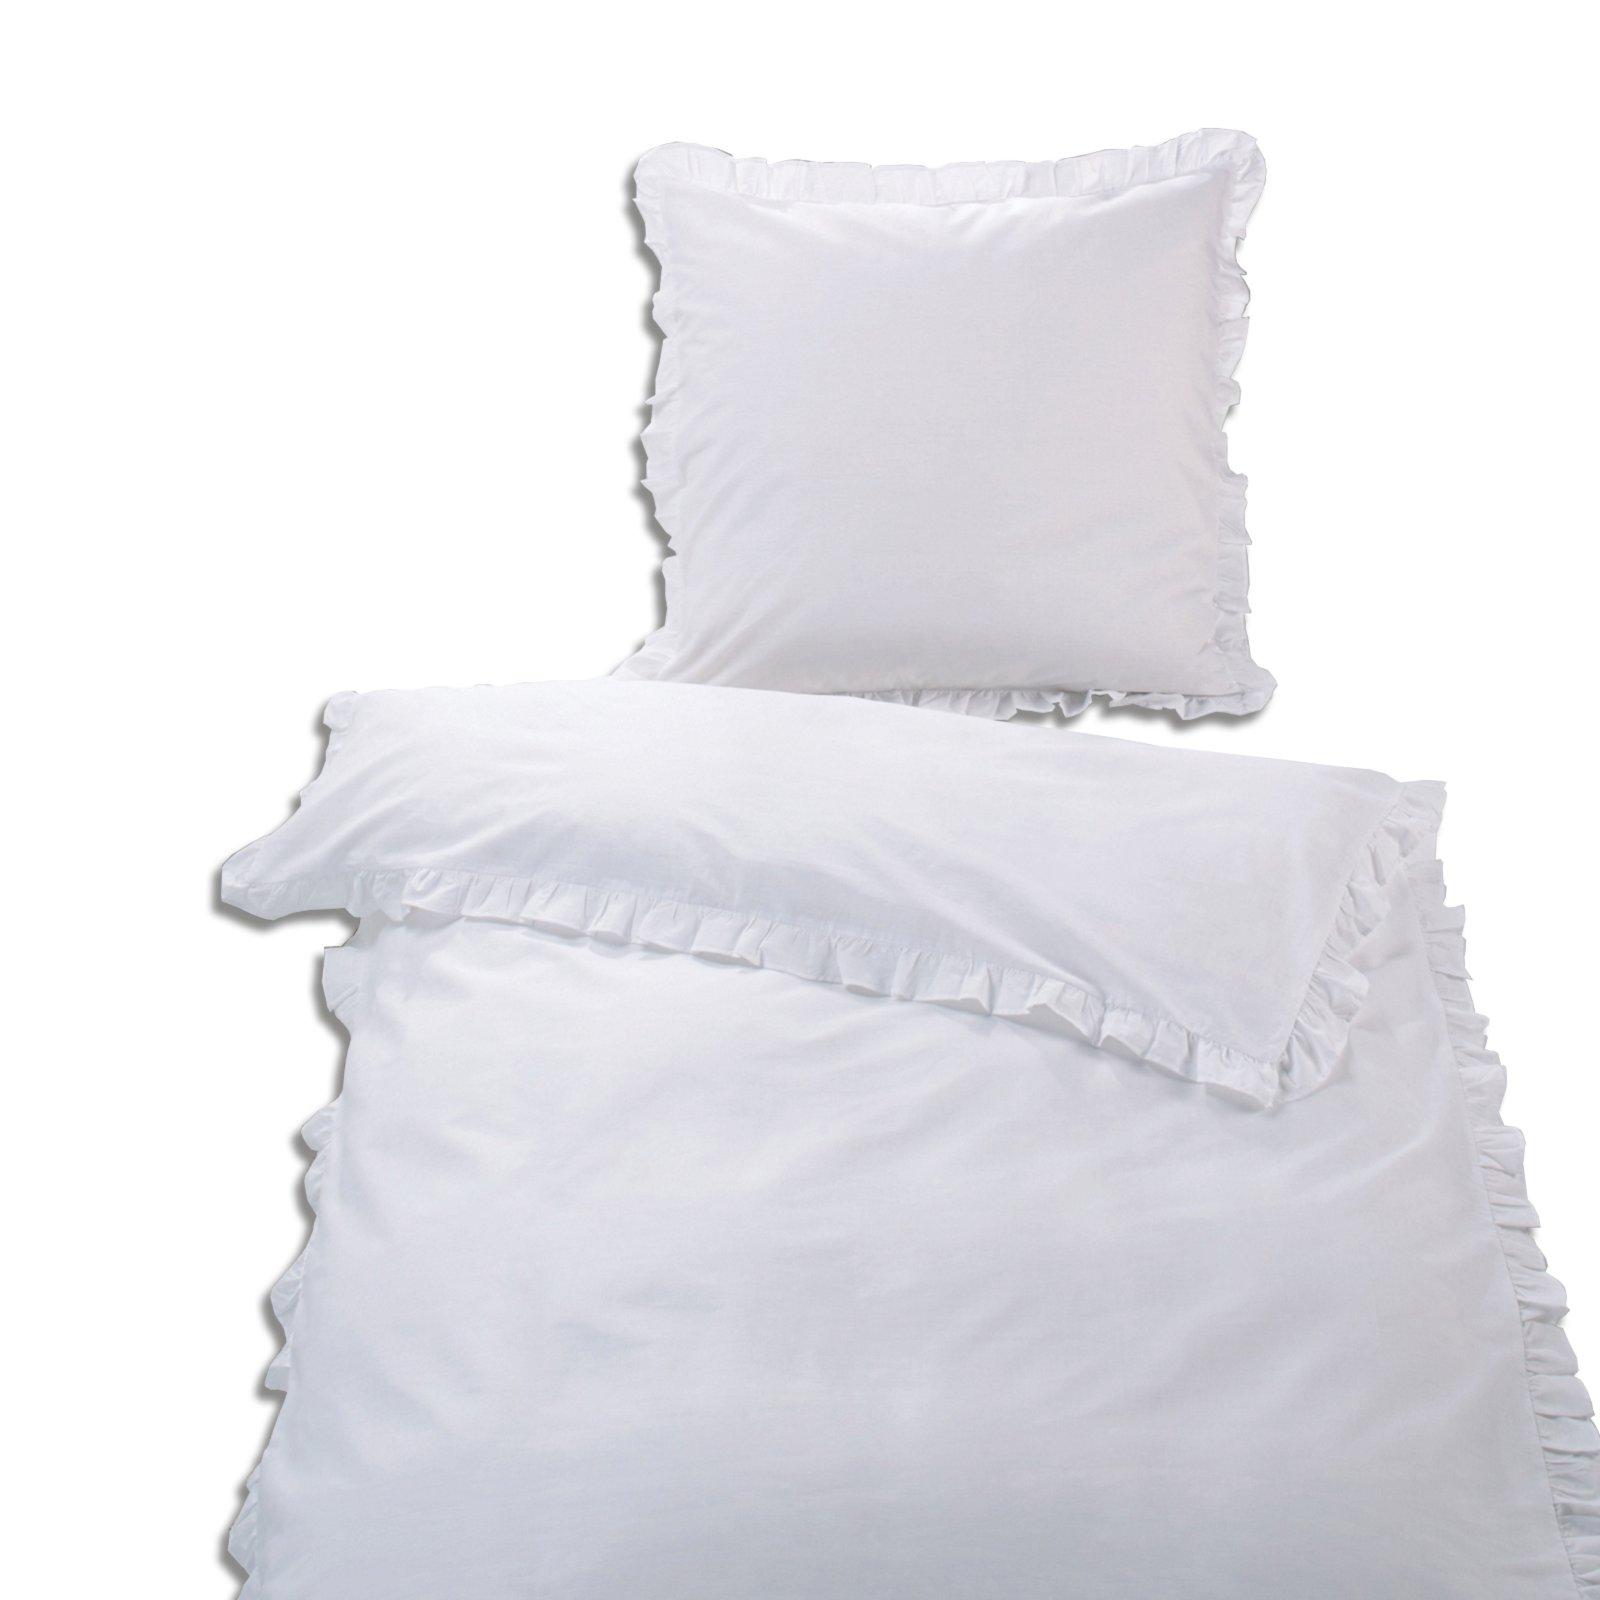 baumwoll bettw sche wei r sche 135x200 cm. Black Bedroom Furniture Sets. Home Design Ideas